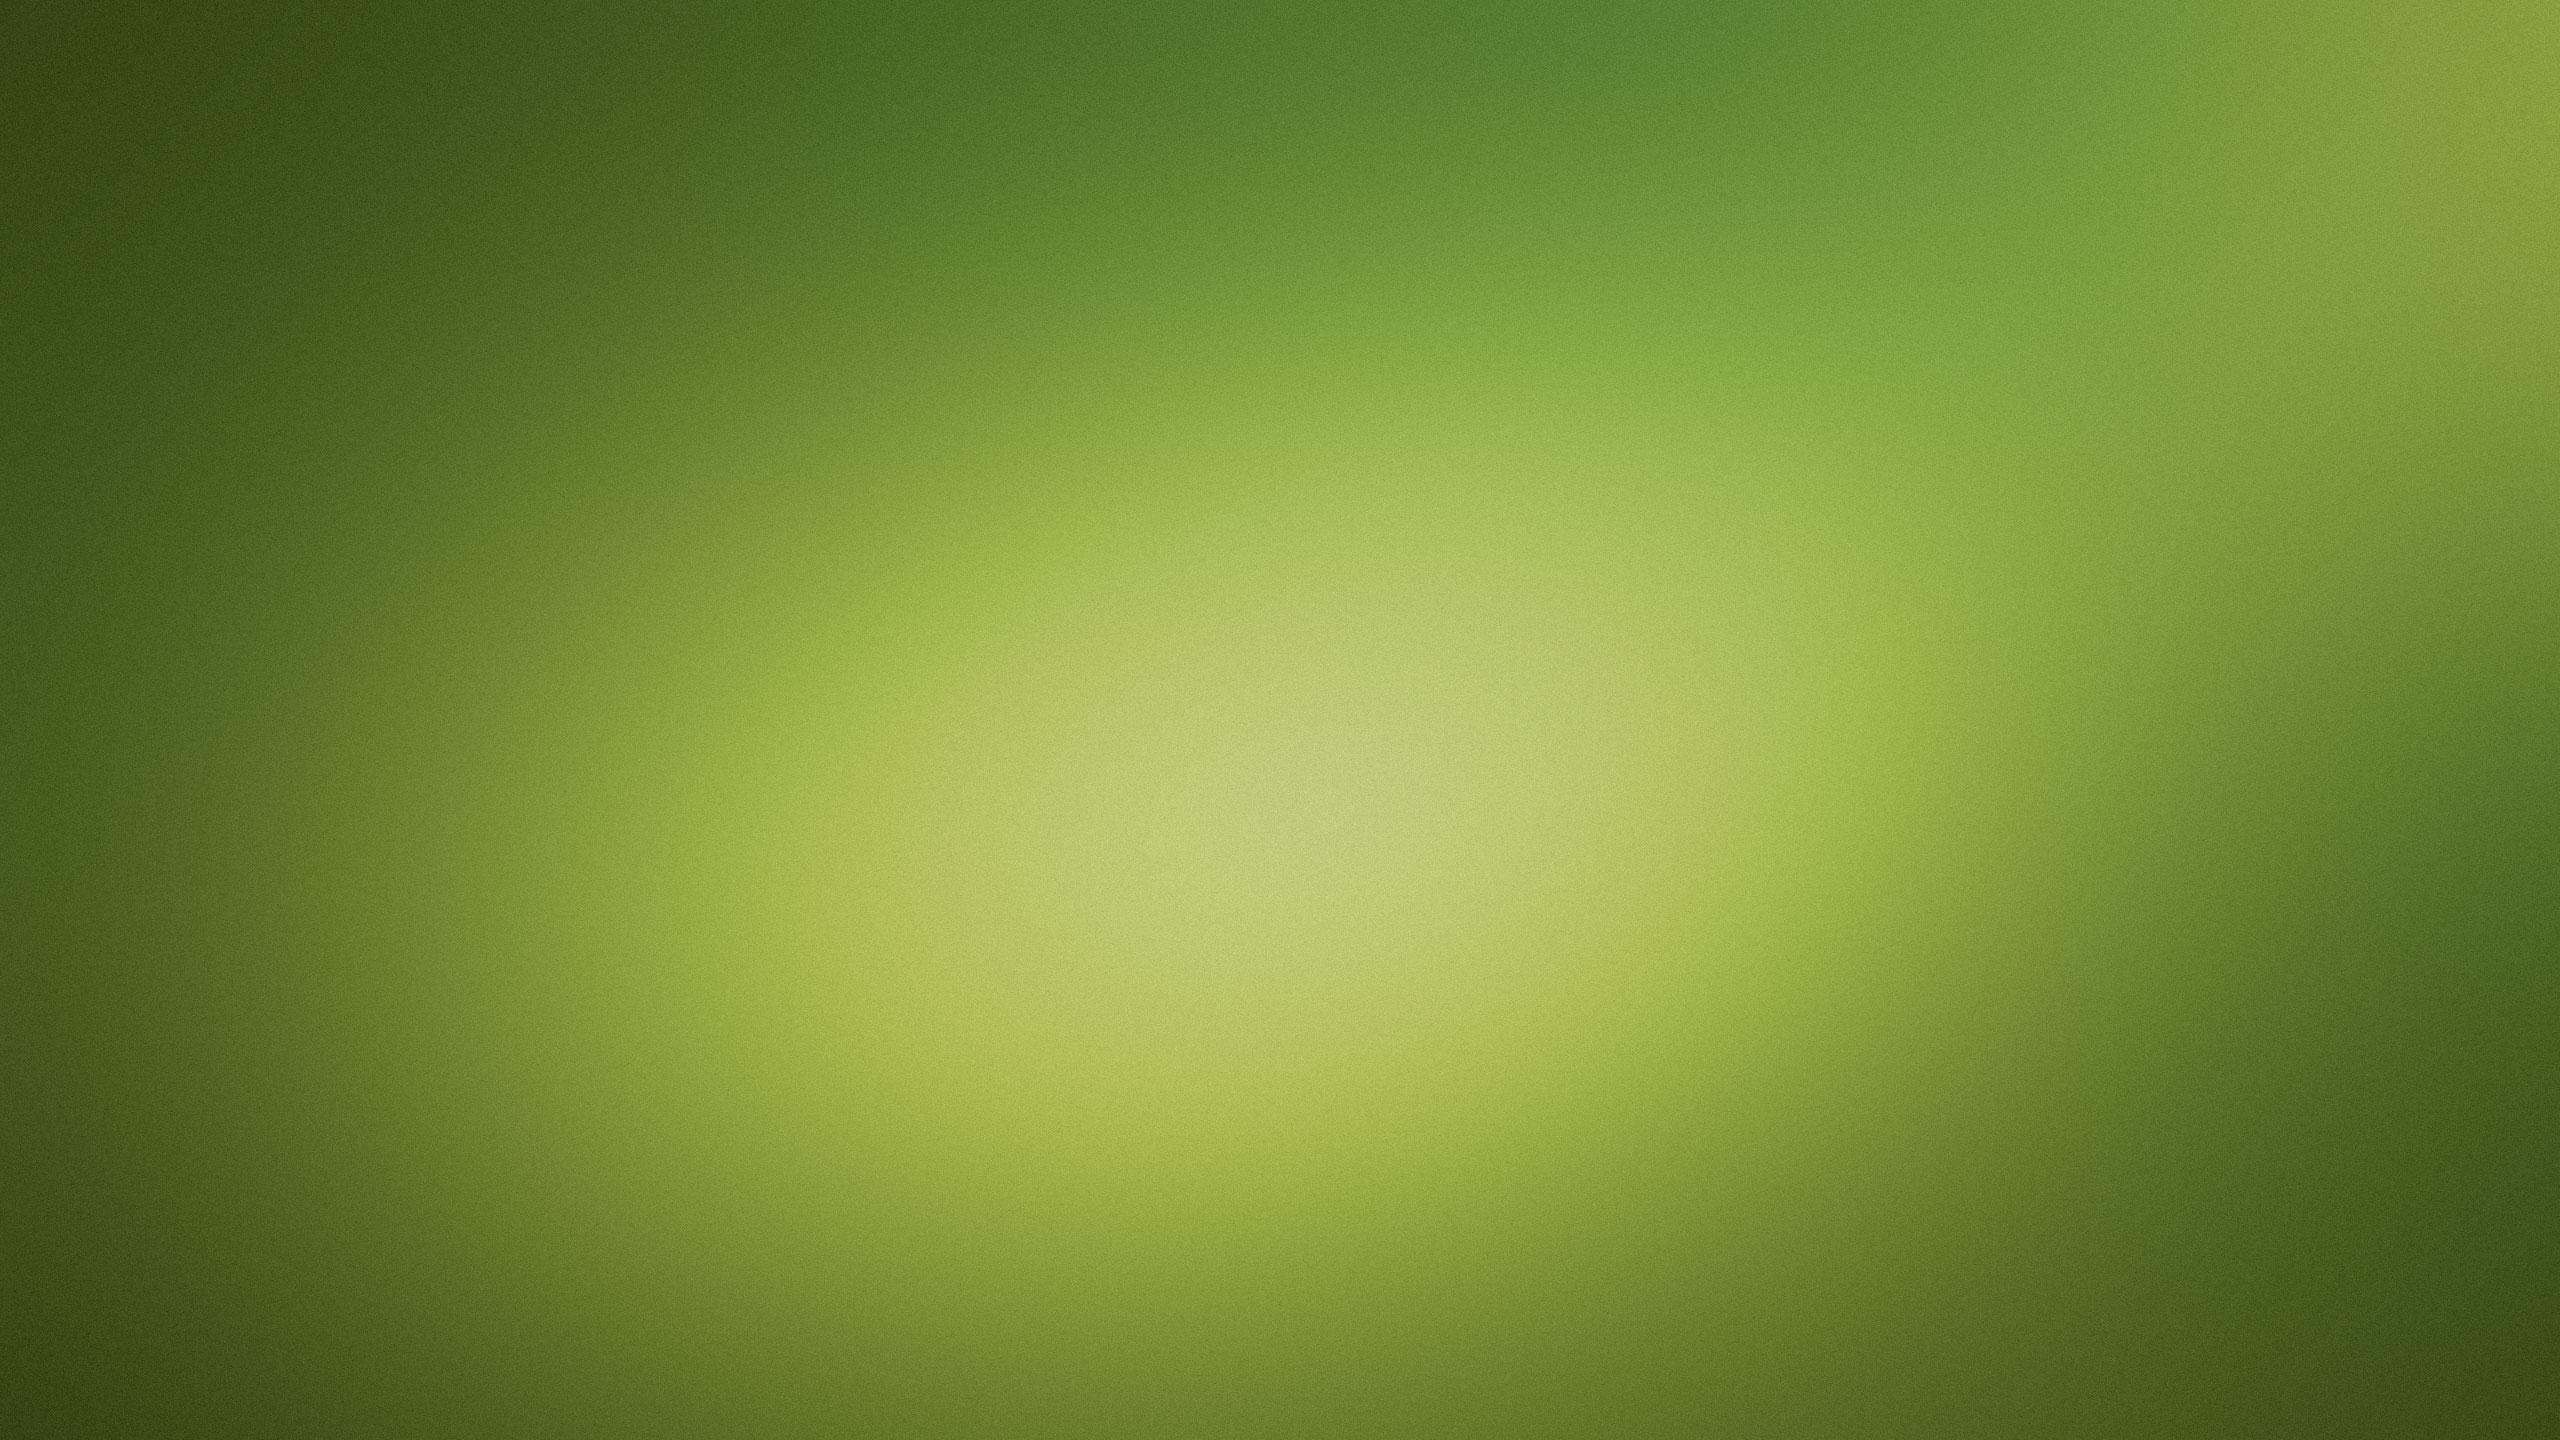 Light Green Background Desktop Wallpaper 2560x1440